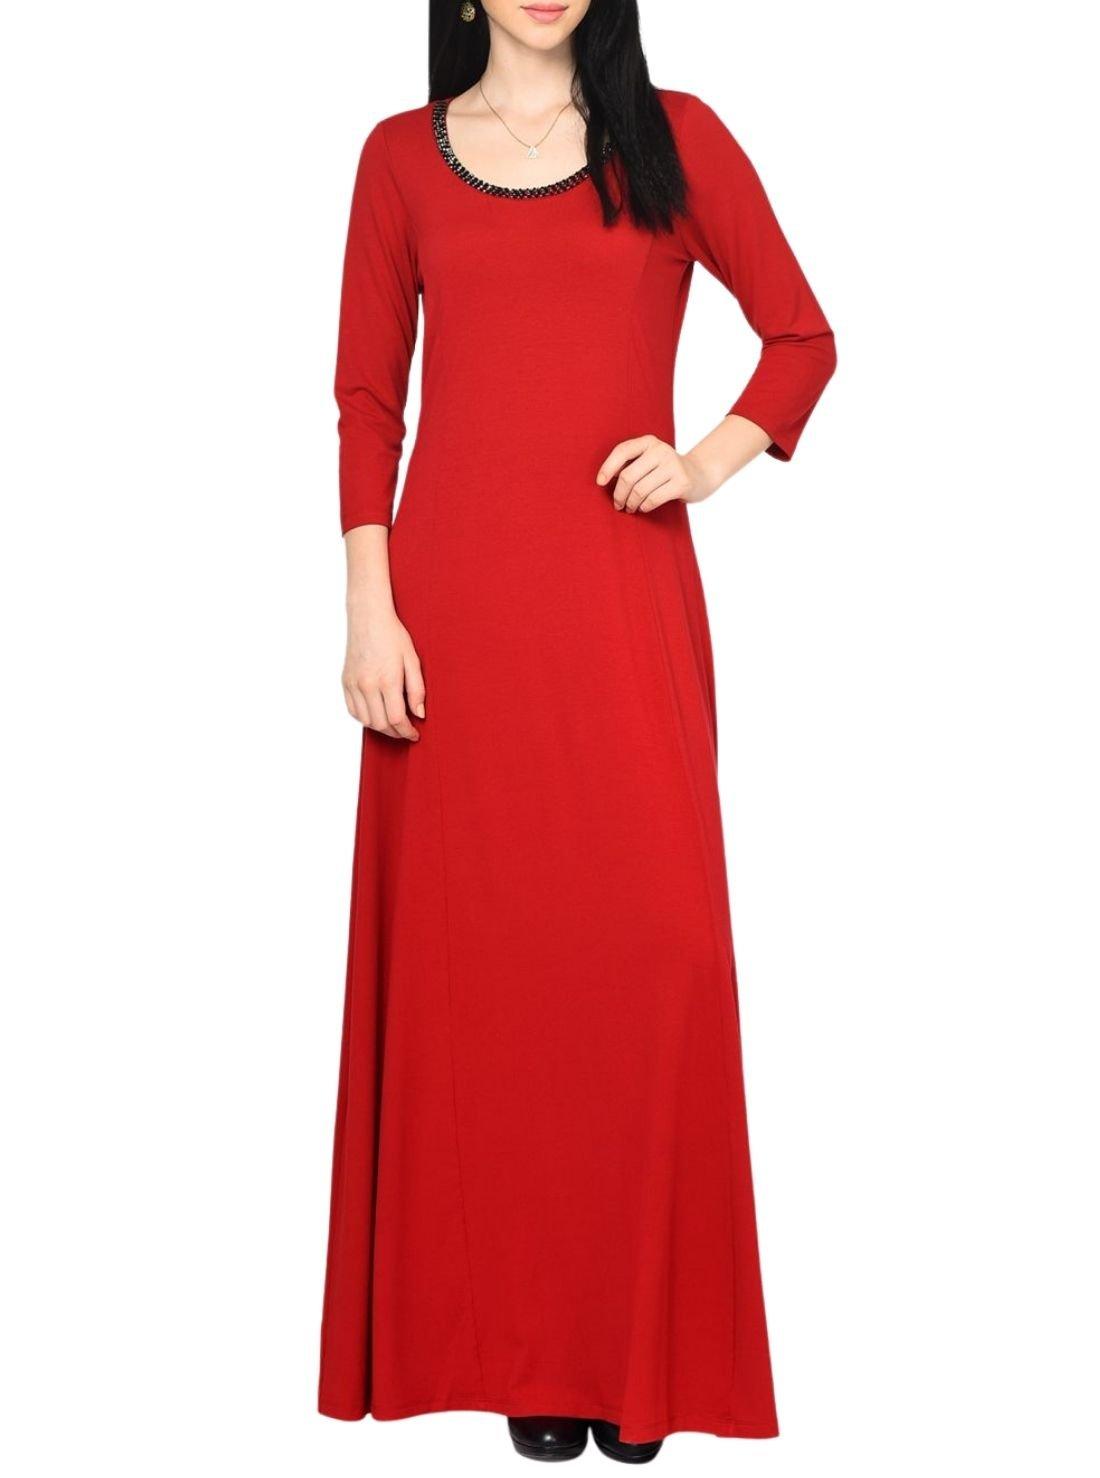 Wholesale Plain Western Dresses